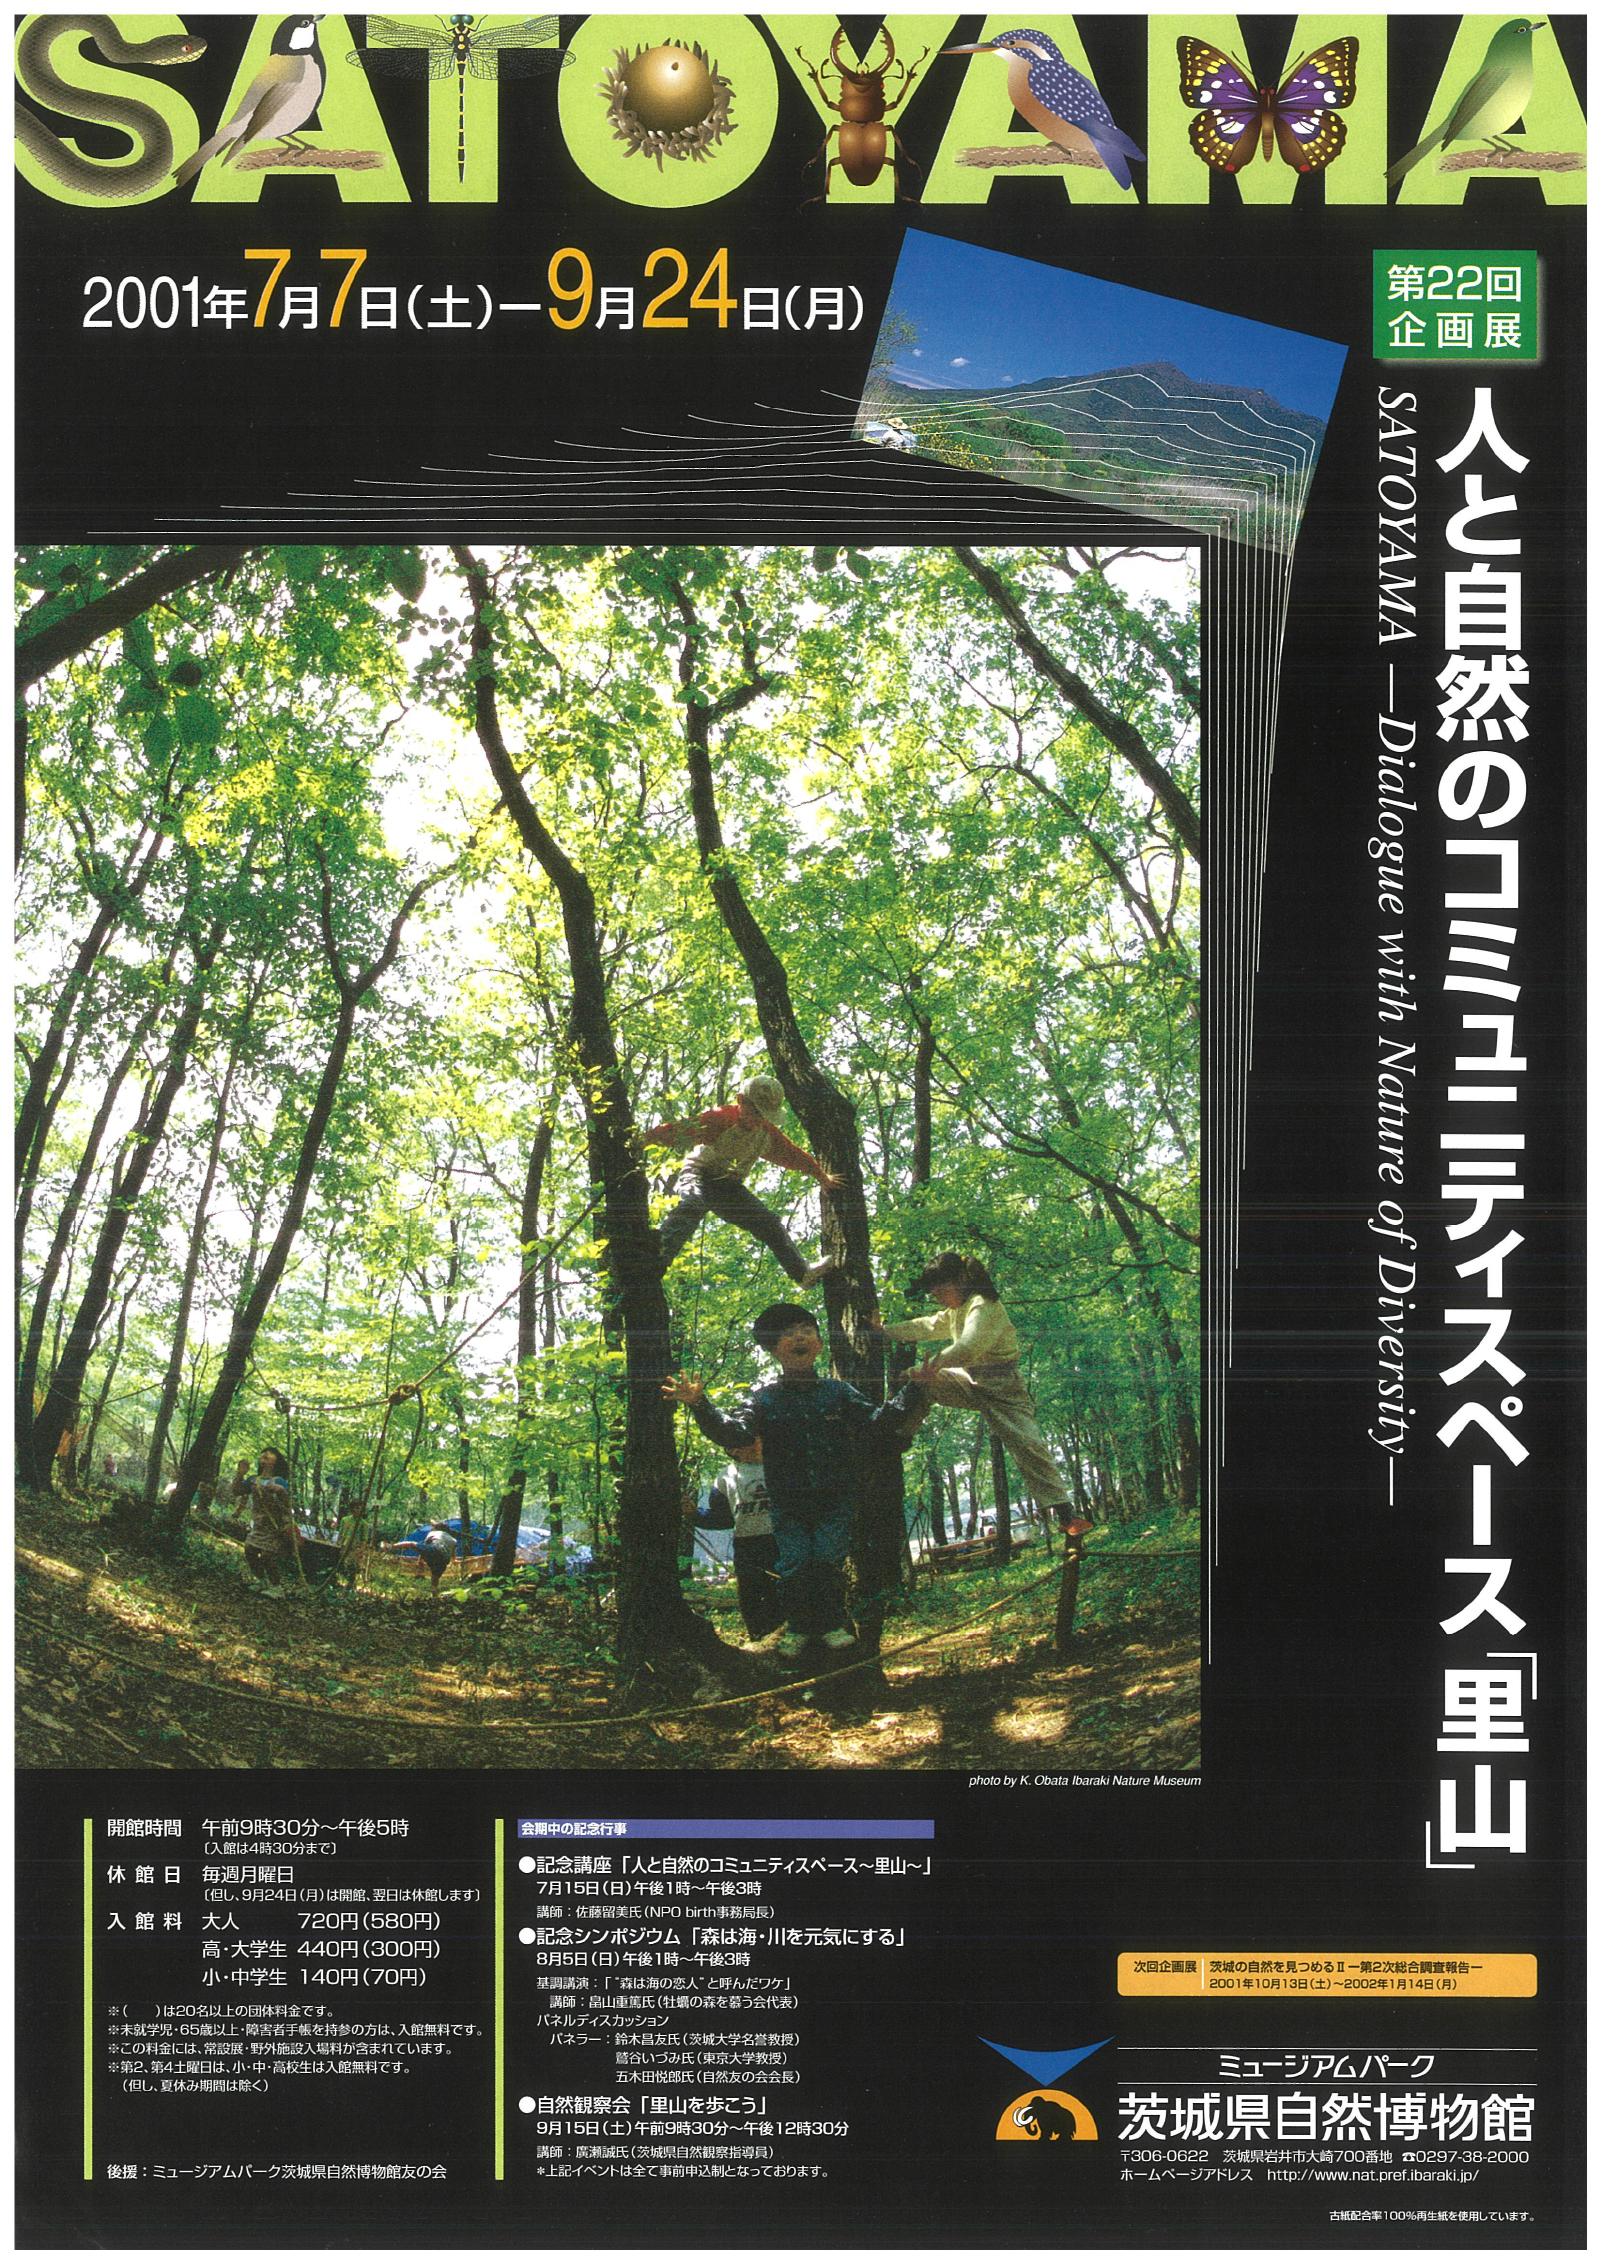 SATOYAMA …人と自然のコミュニティスペース「里山」…